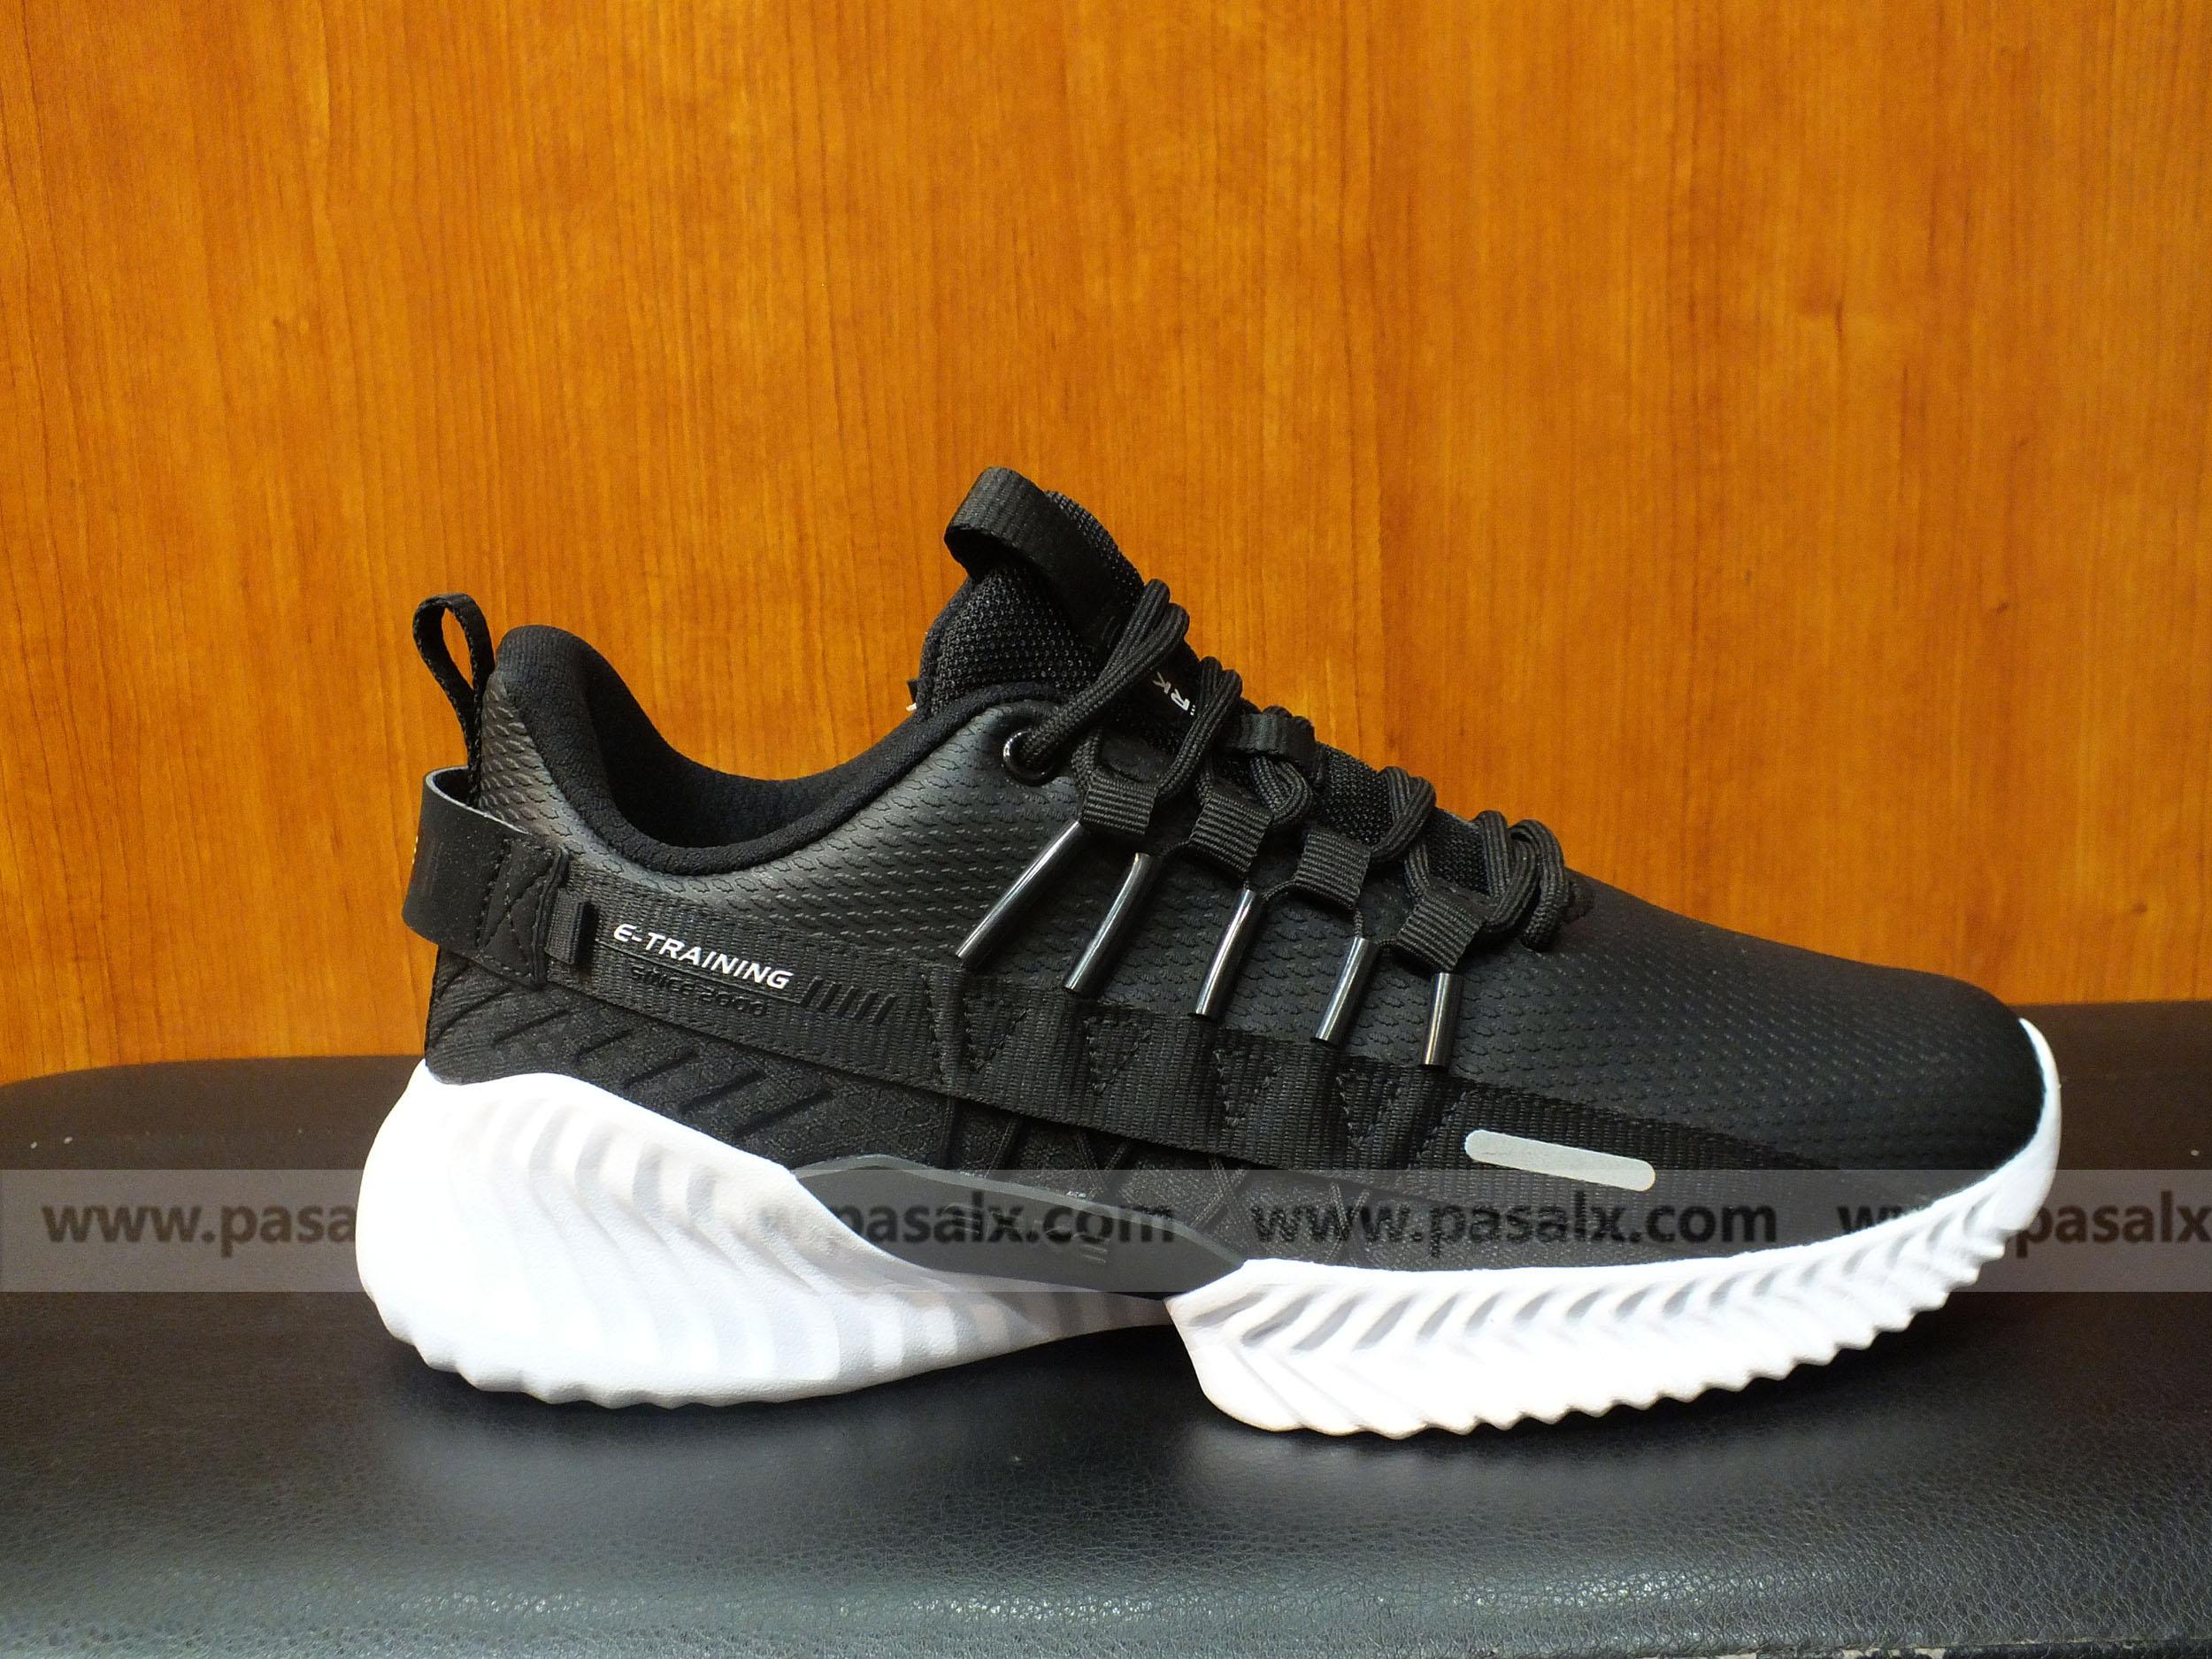 erke-black-white-training-shoe-for-men-11119414510004-erke-4510-004-39